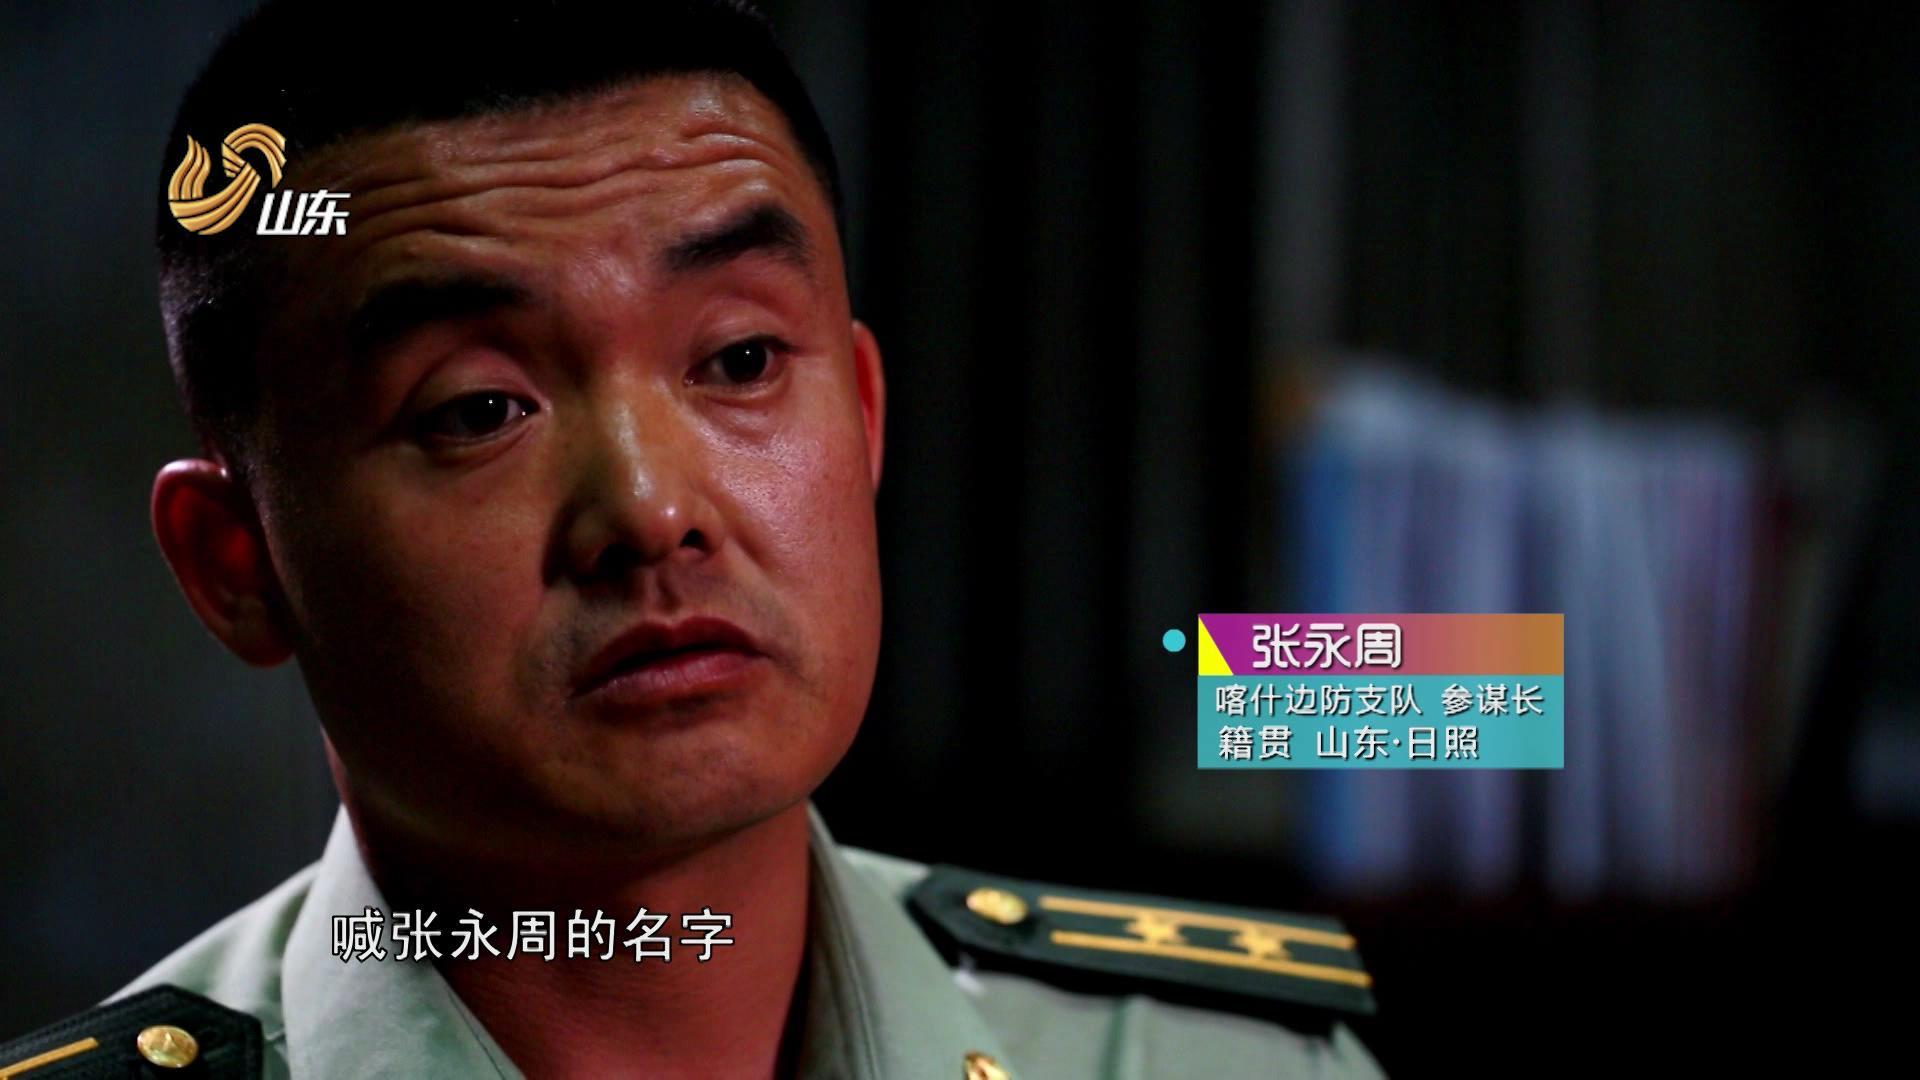 花絮 | 张永周:军事训练向我看齐